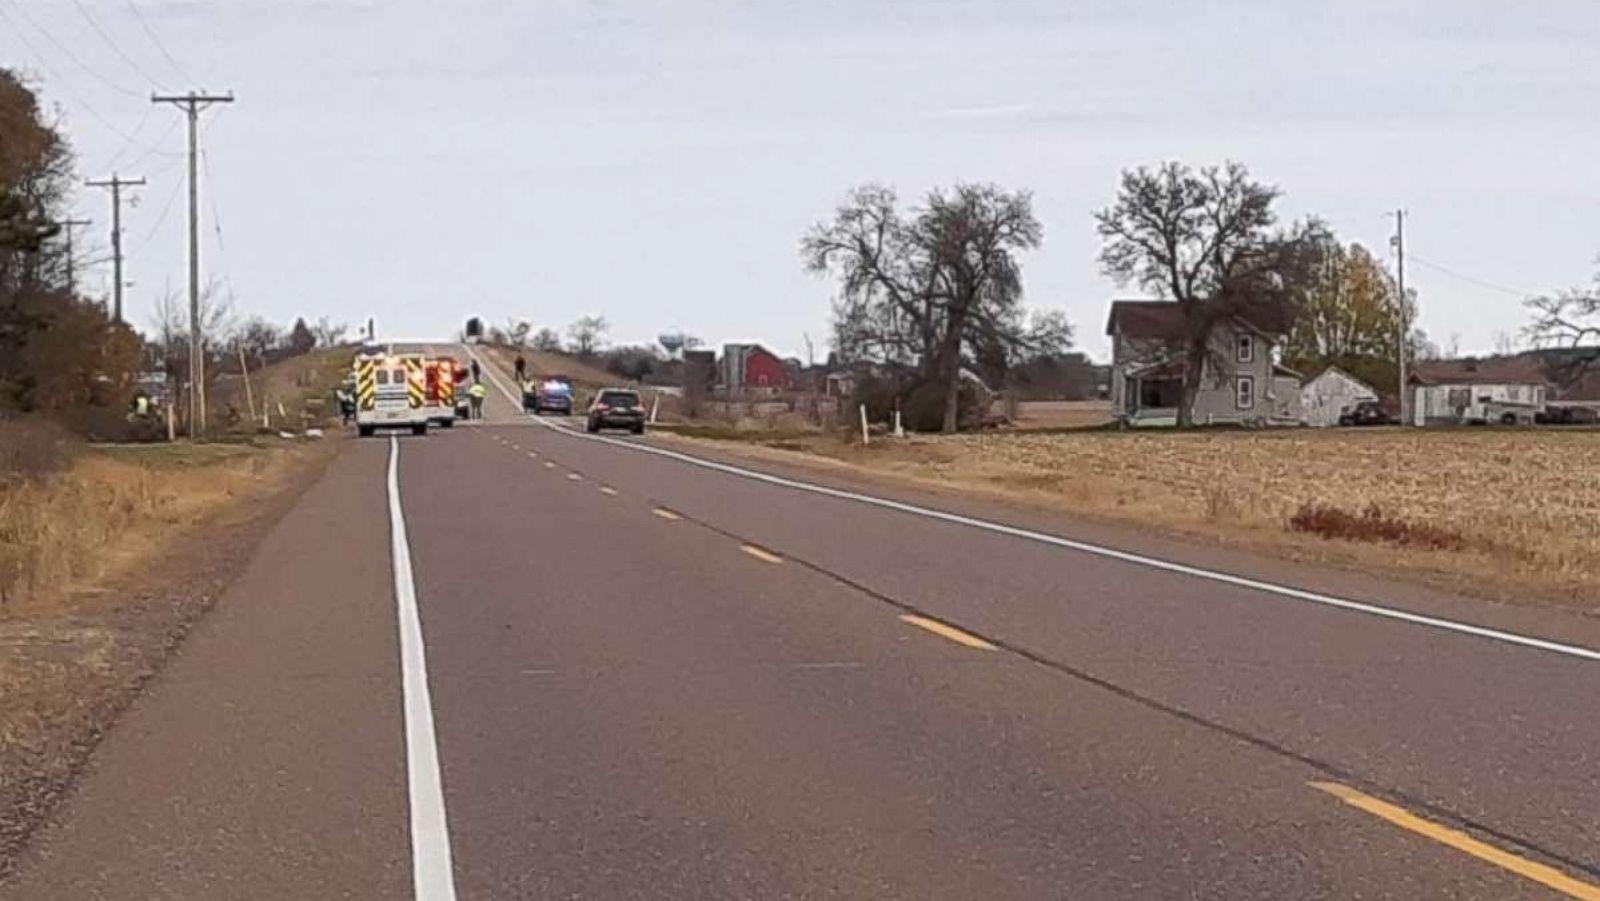 Teen dies in crash eastern michigan